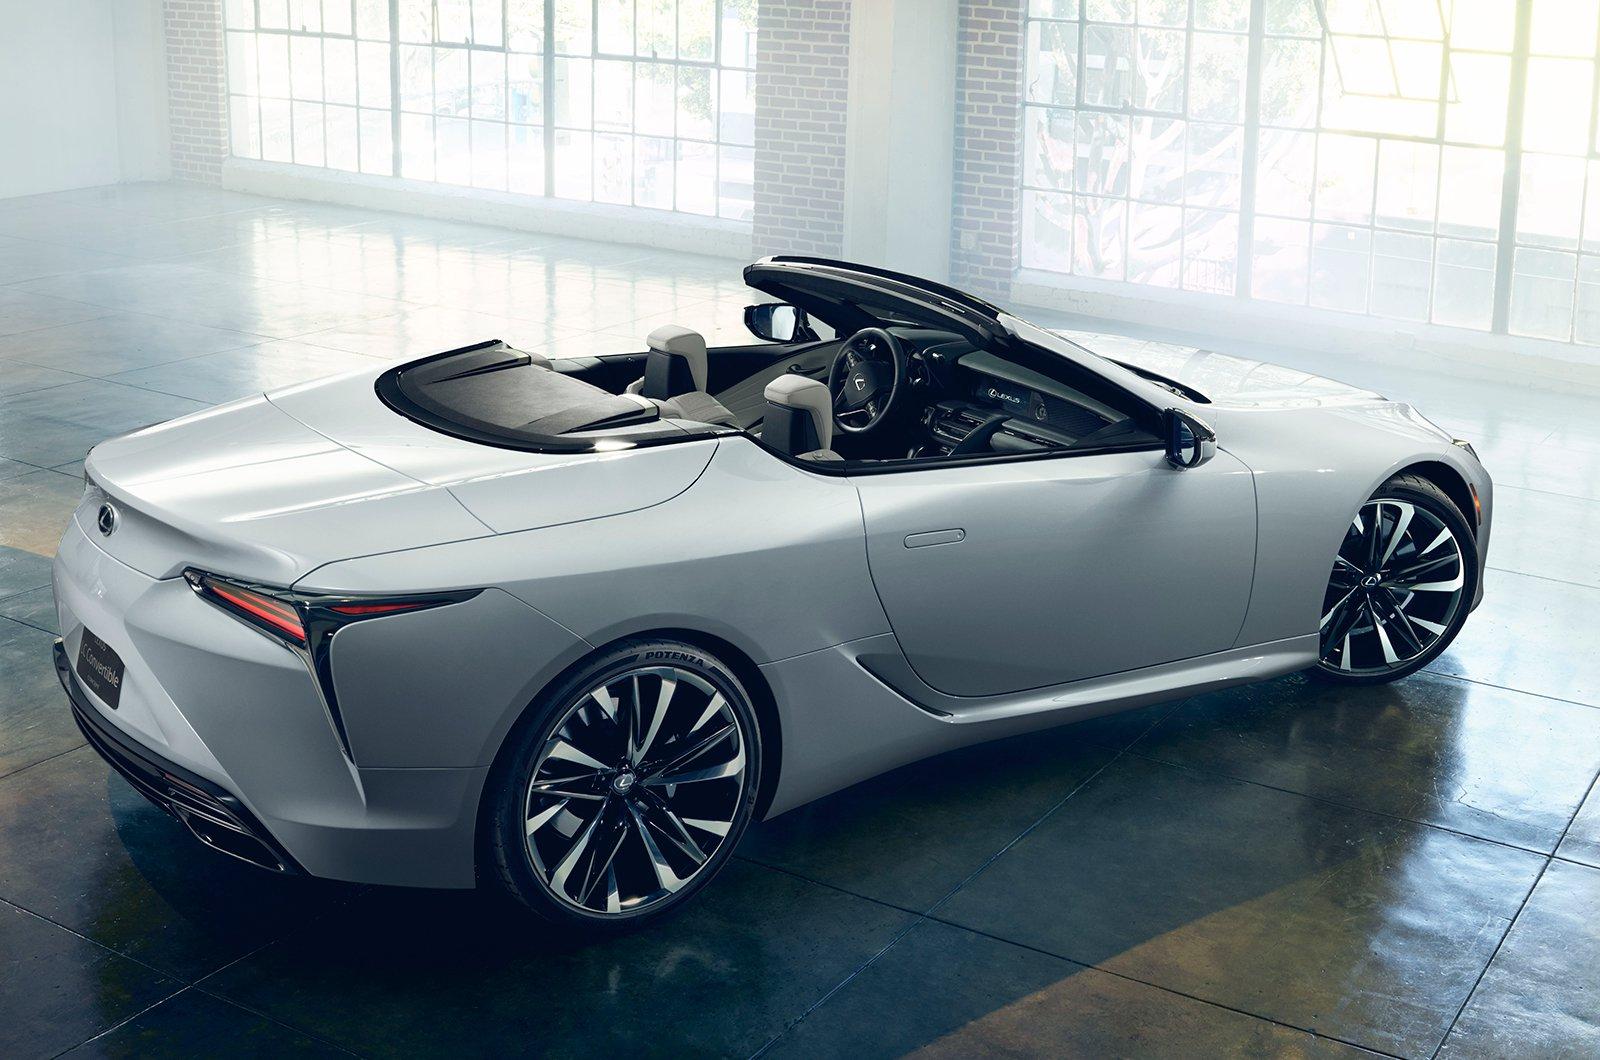 Lexus LC Convertible rear